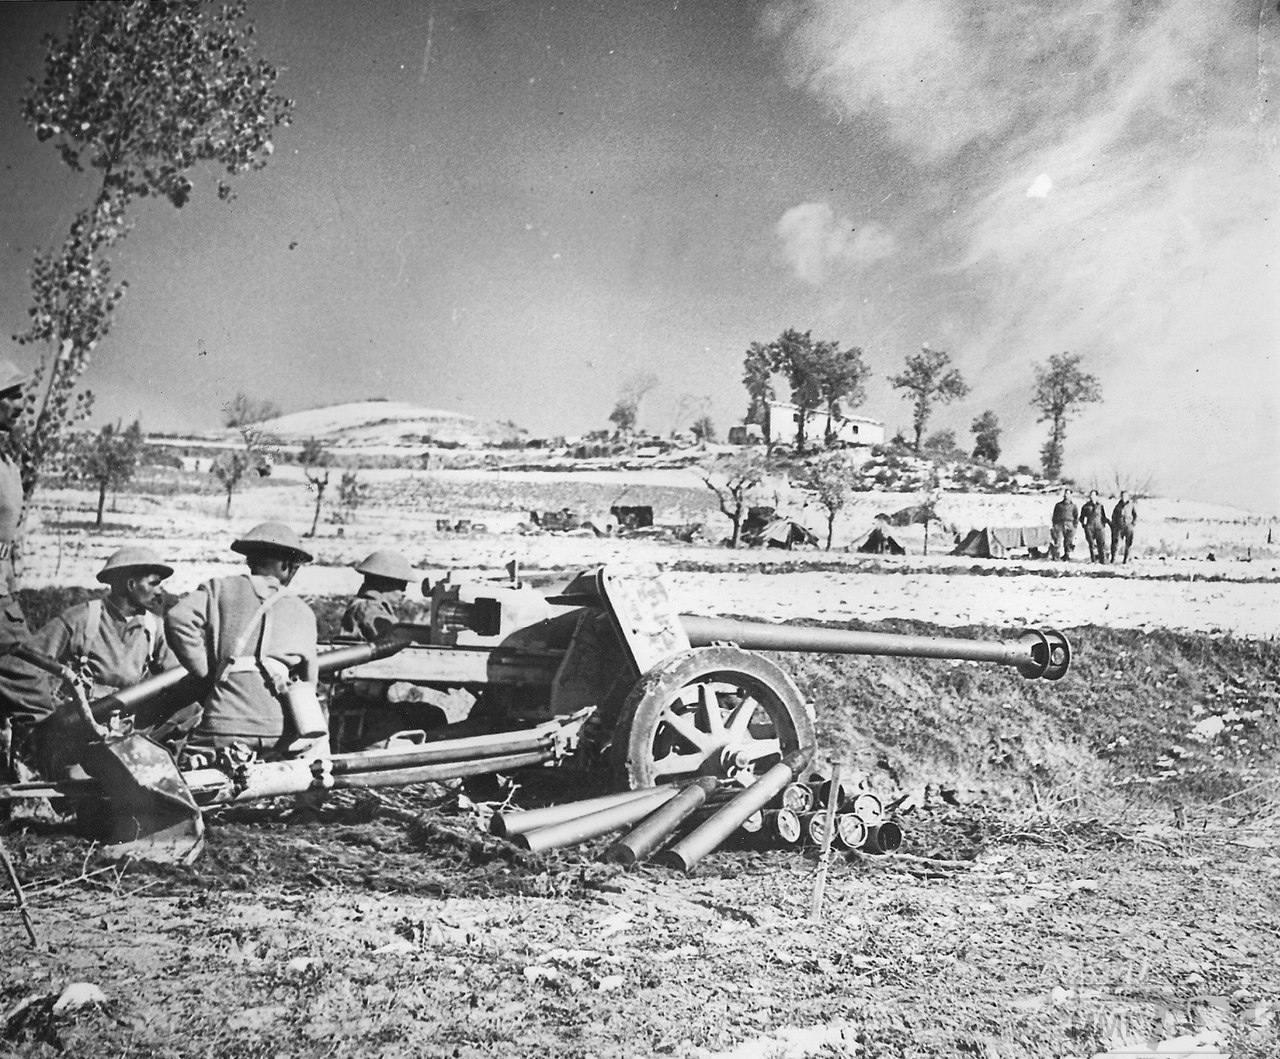 29803 - Военное фото 1939-1945 г.г. Западный фронт и Африка.